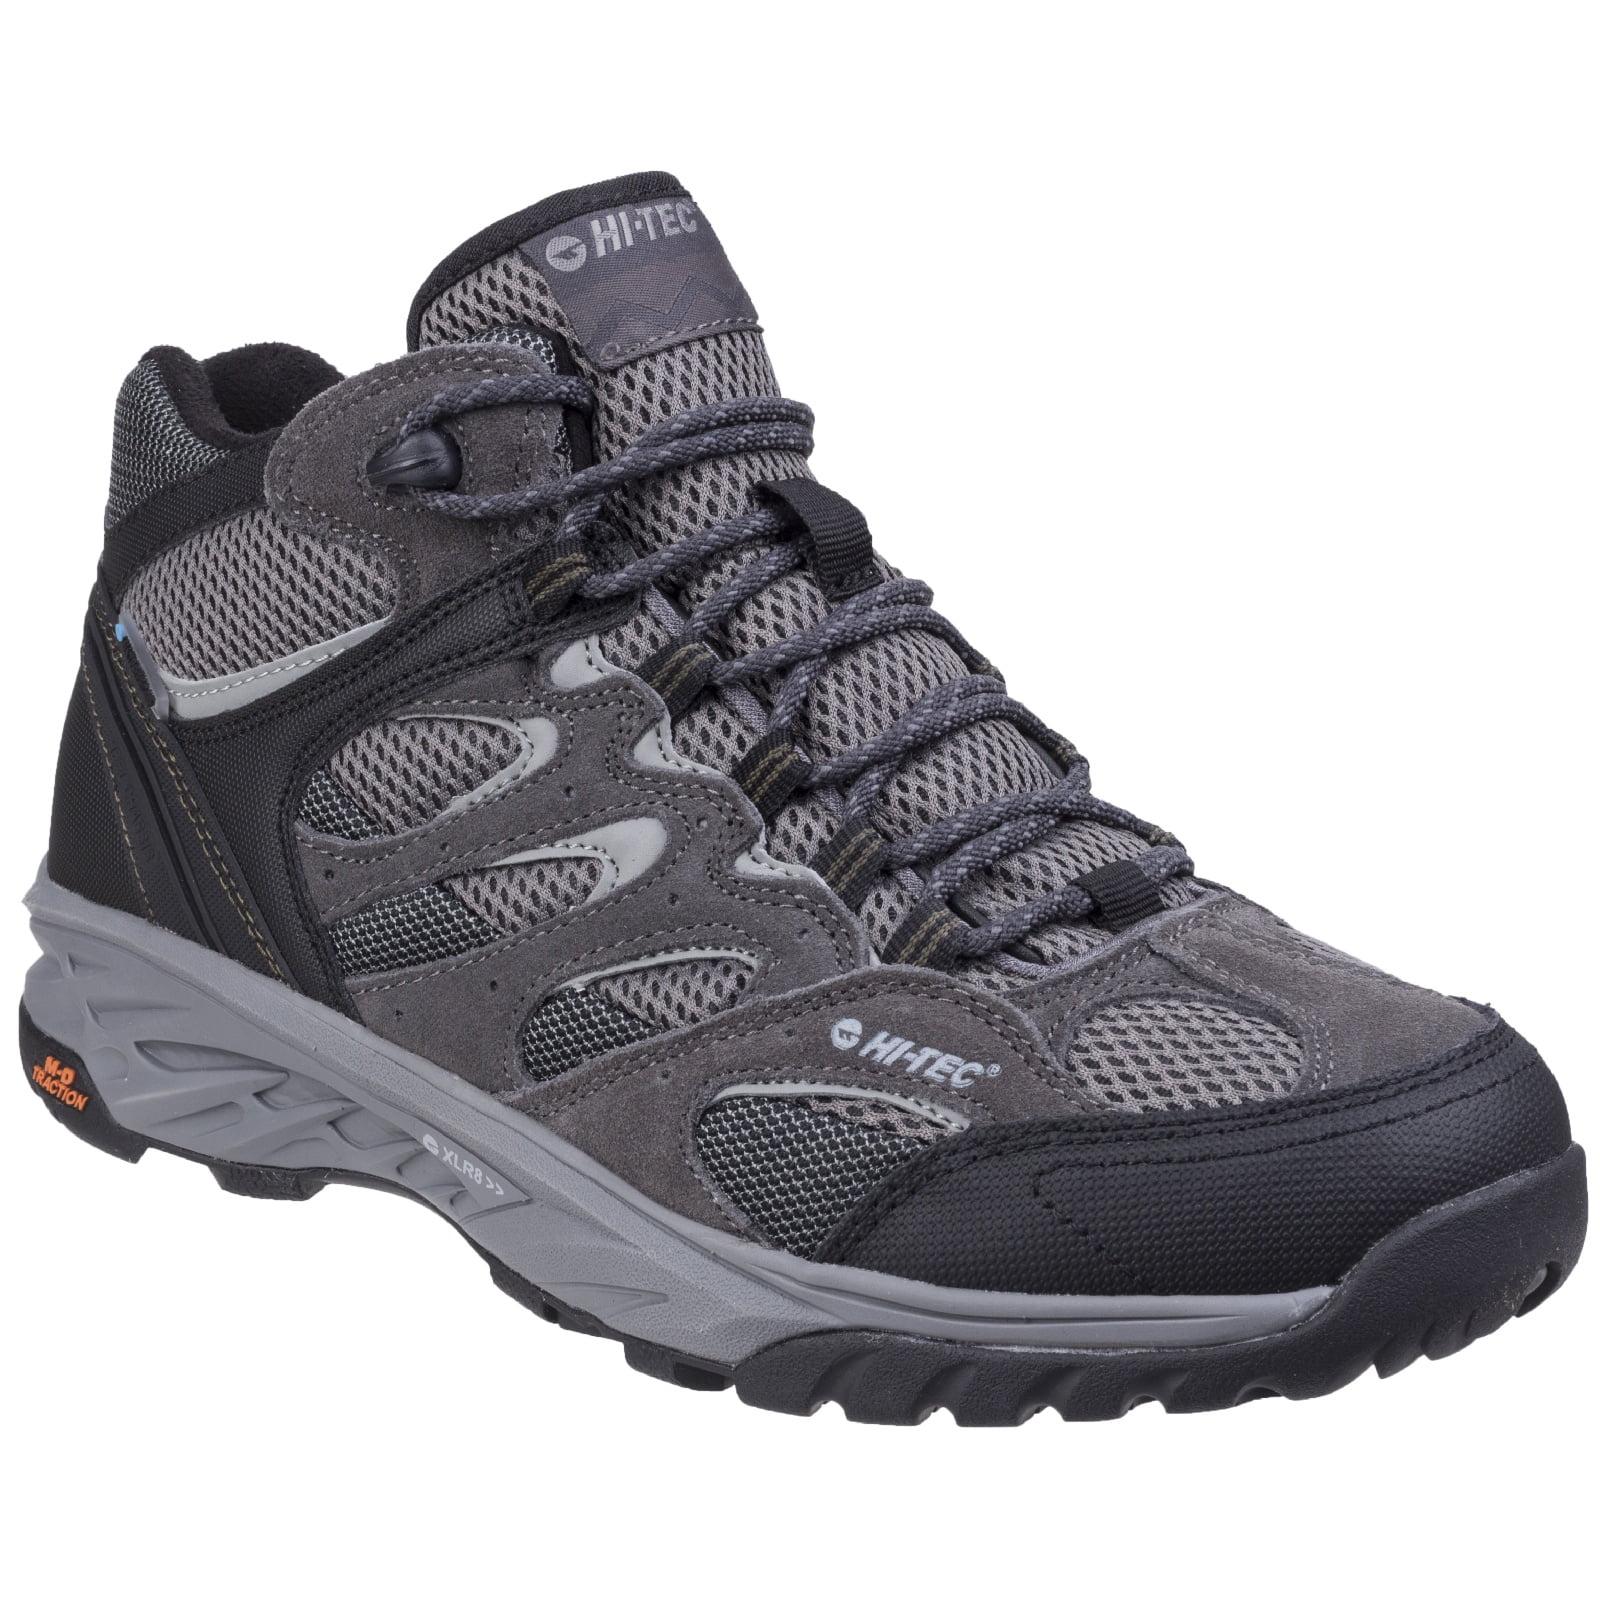 Walking Wild Mens Mid Waterproof Hi Boots I Tec Fire mOvN8wn0